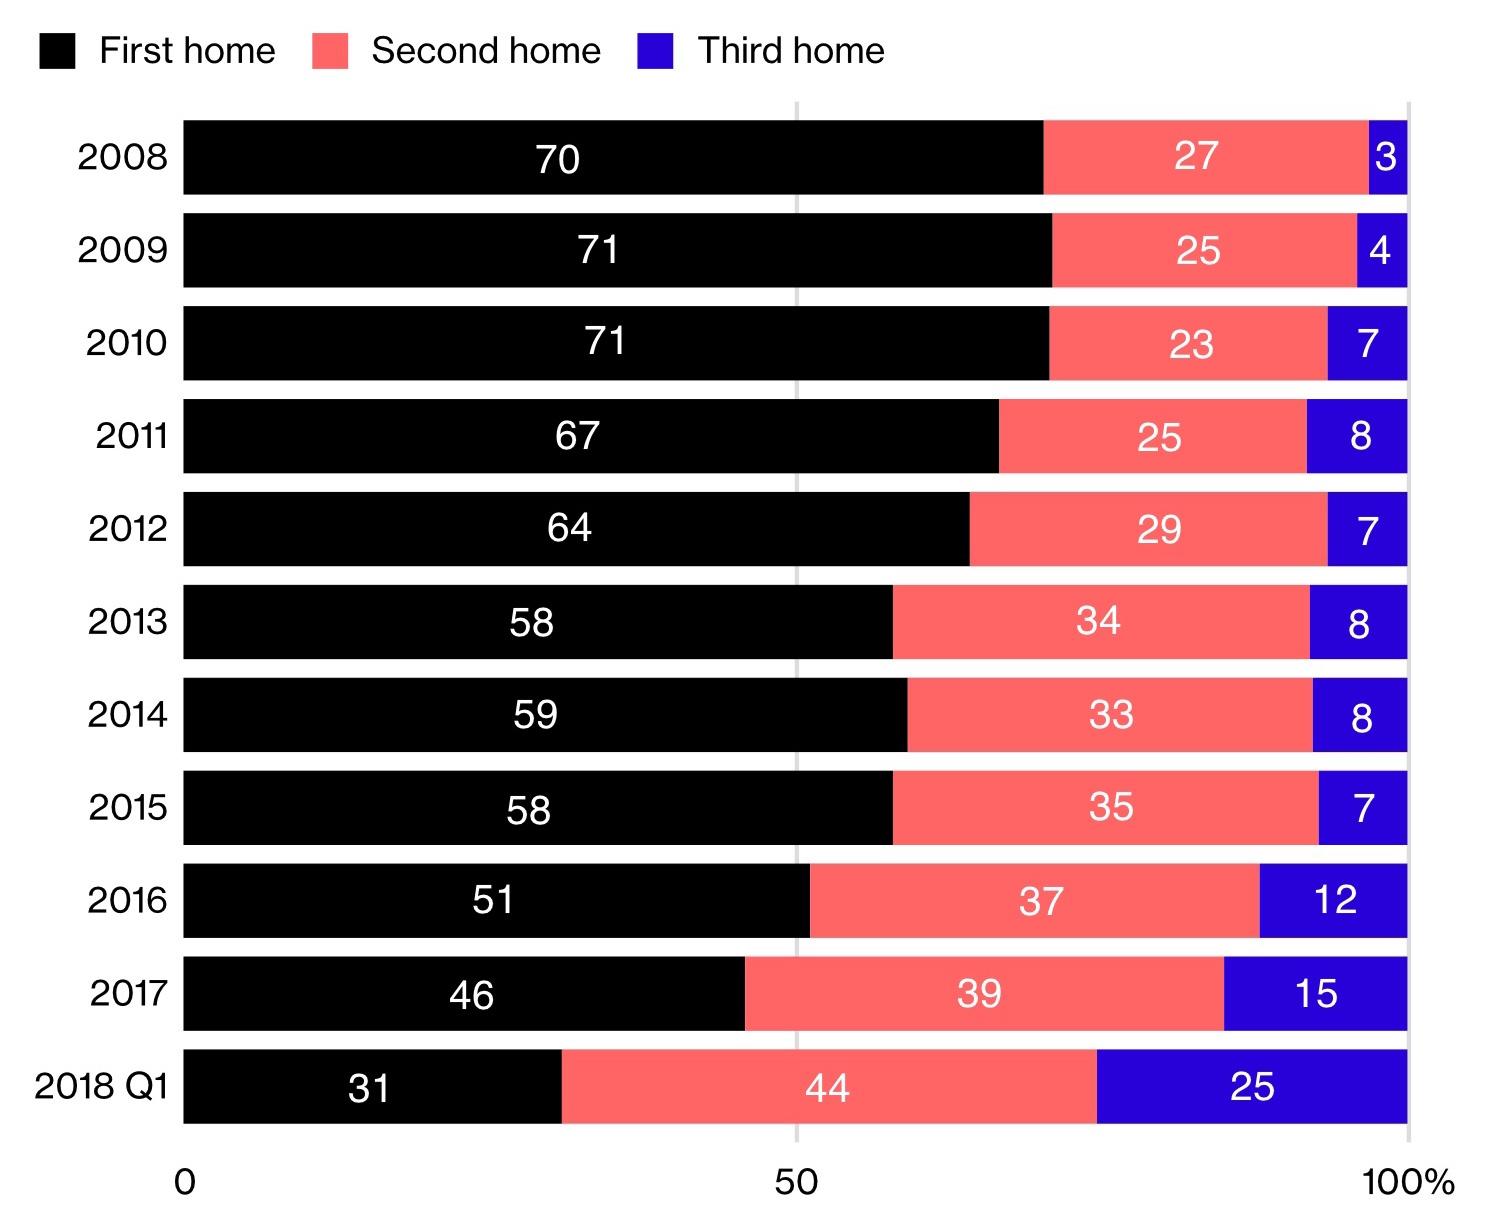 пустые дома - рынок недвижимости Китая